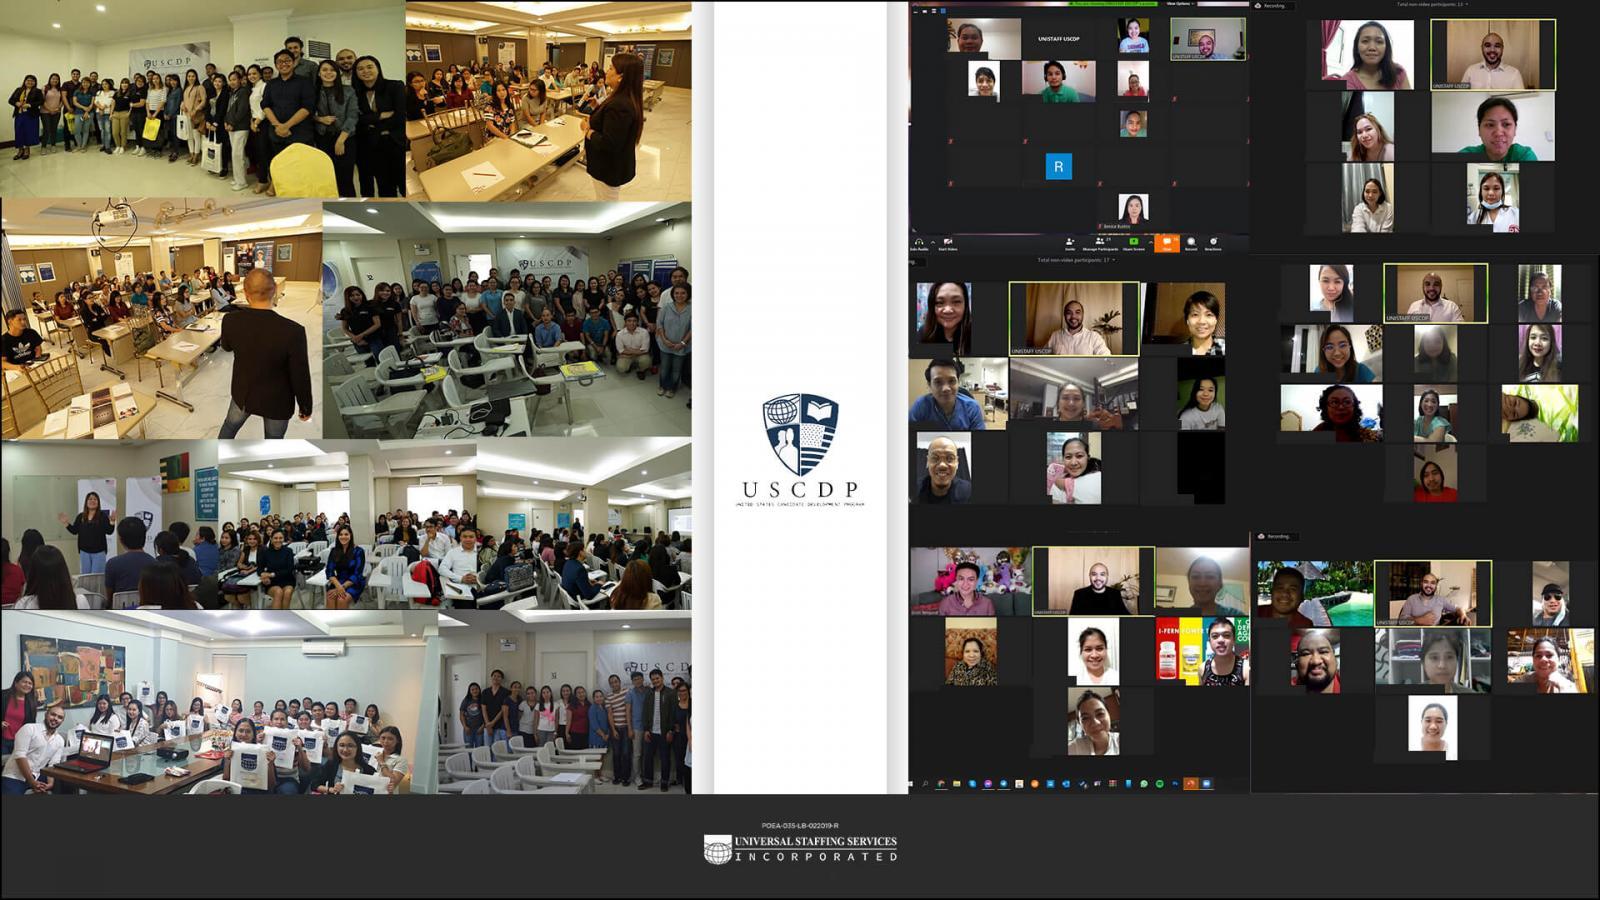 virtual selfie of USCDP participants